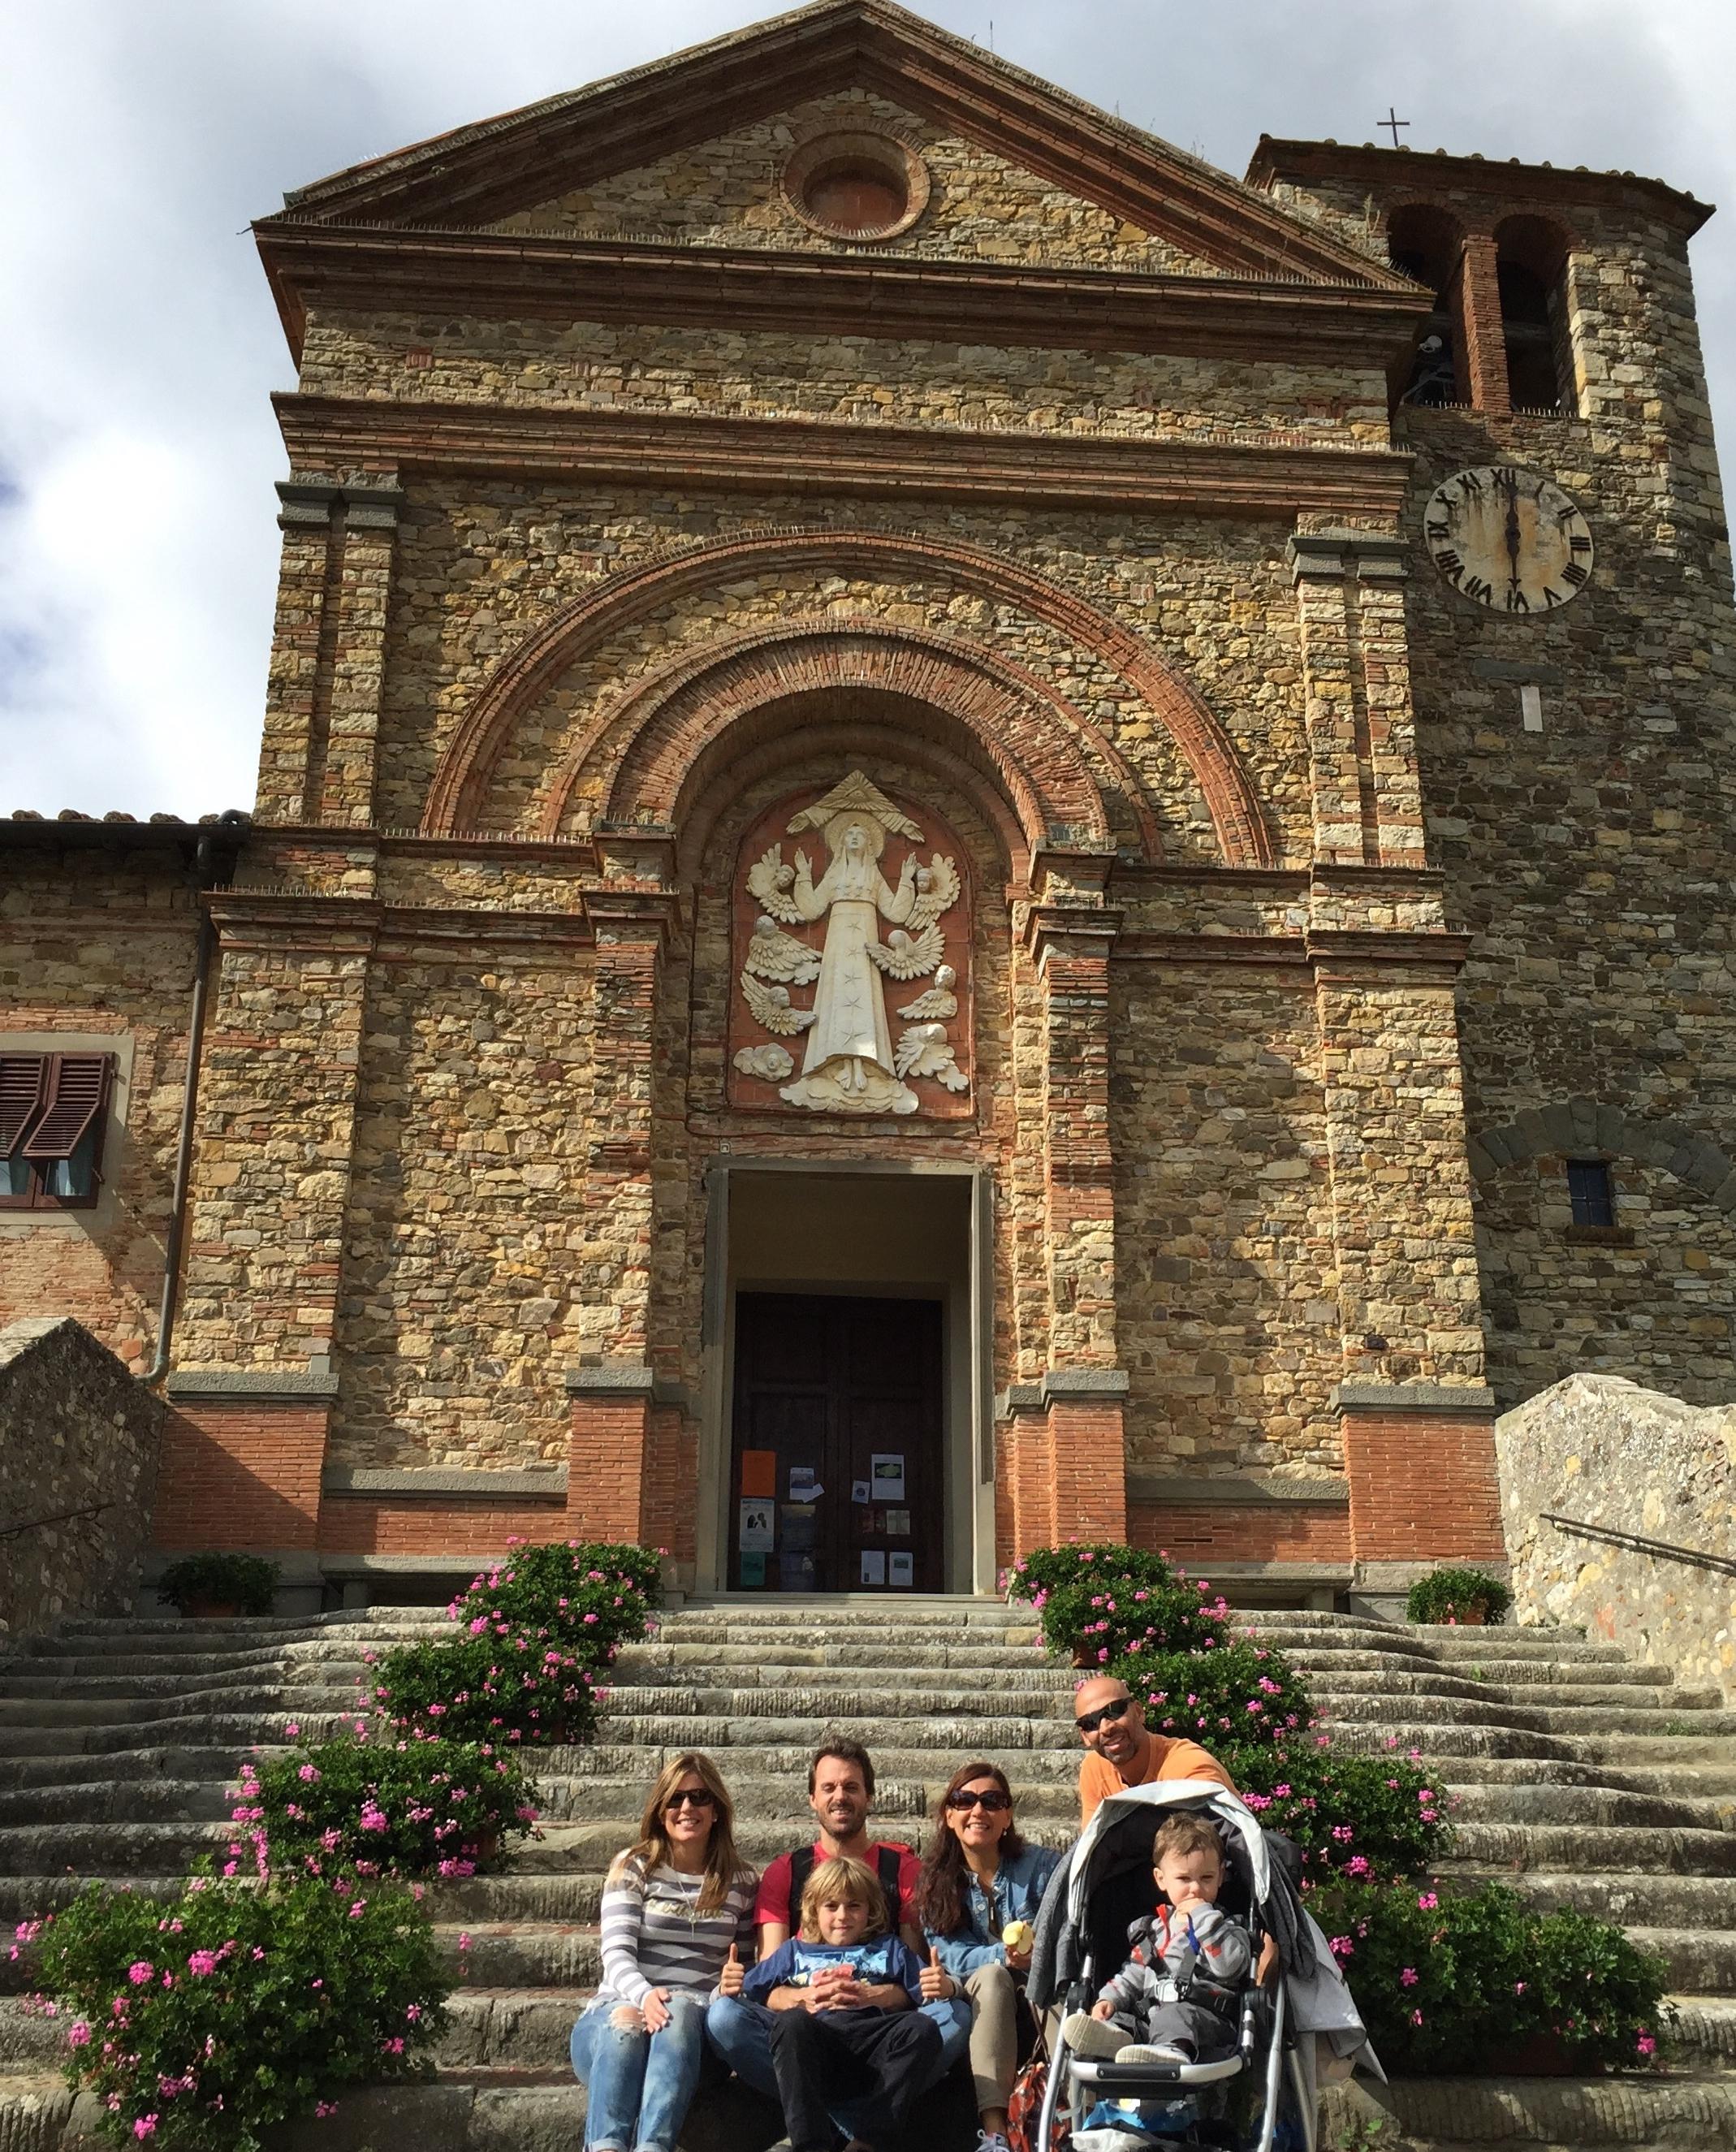 Frente a la iglesia Santa Maria Assunta en el pueblo de Panzano. Foto: Marco Dettling (con self-timer).